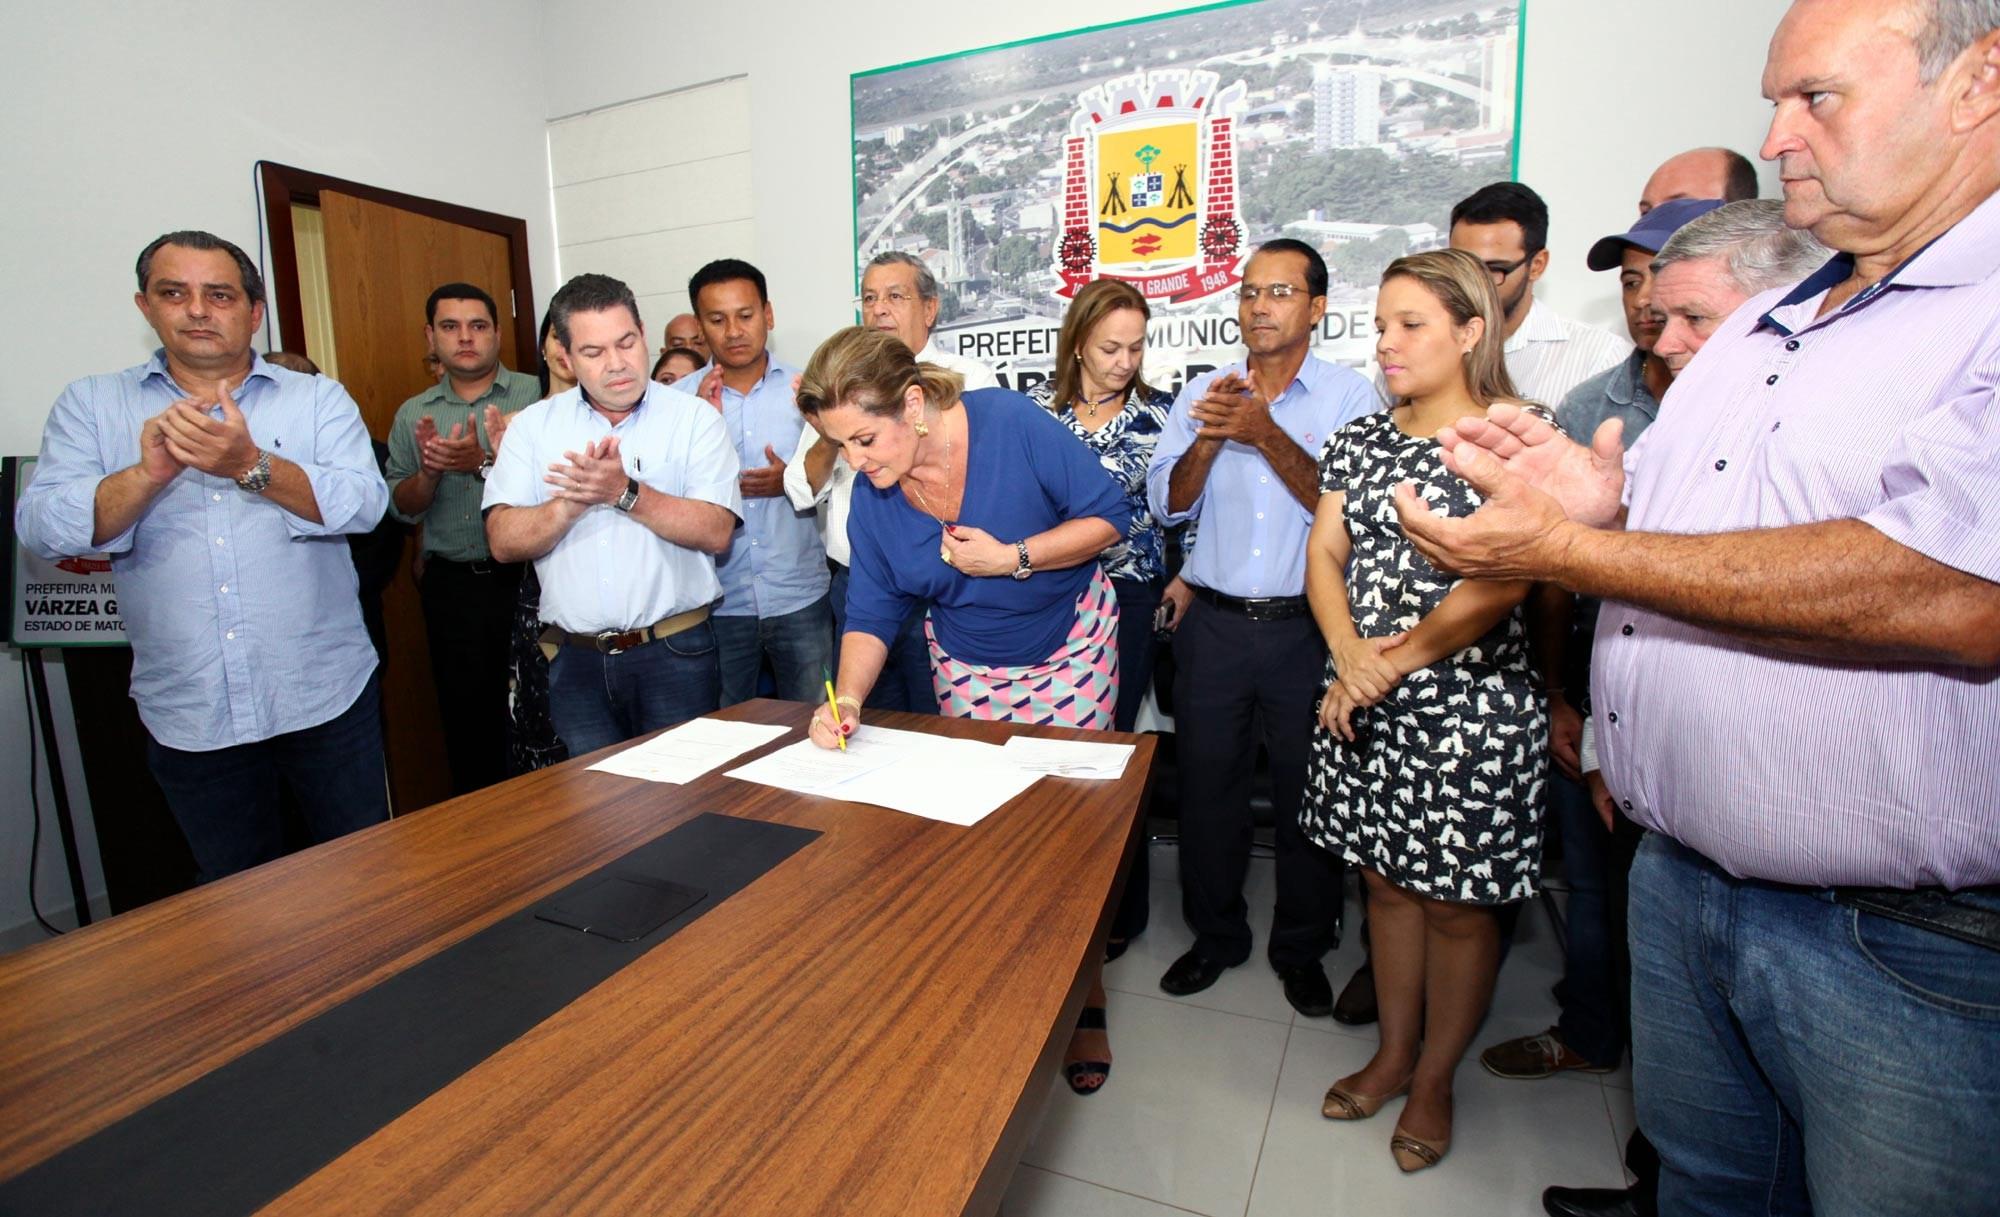 Várzea Grande : Prefeitura dá início a construção de 13 creches e abre 4 mil novas vagas